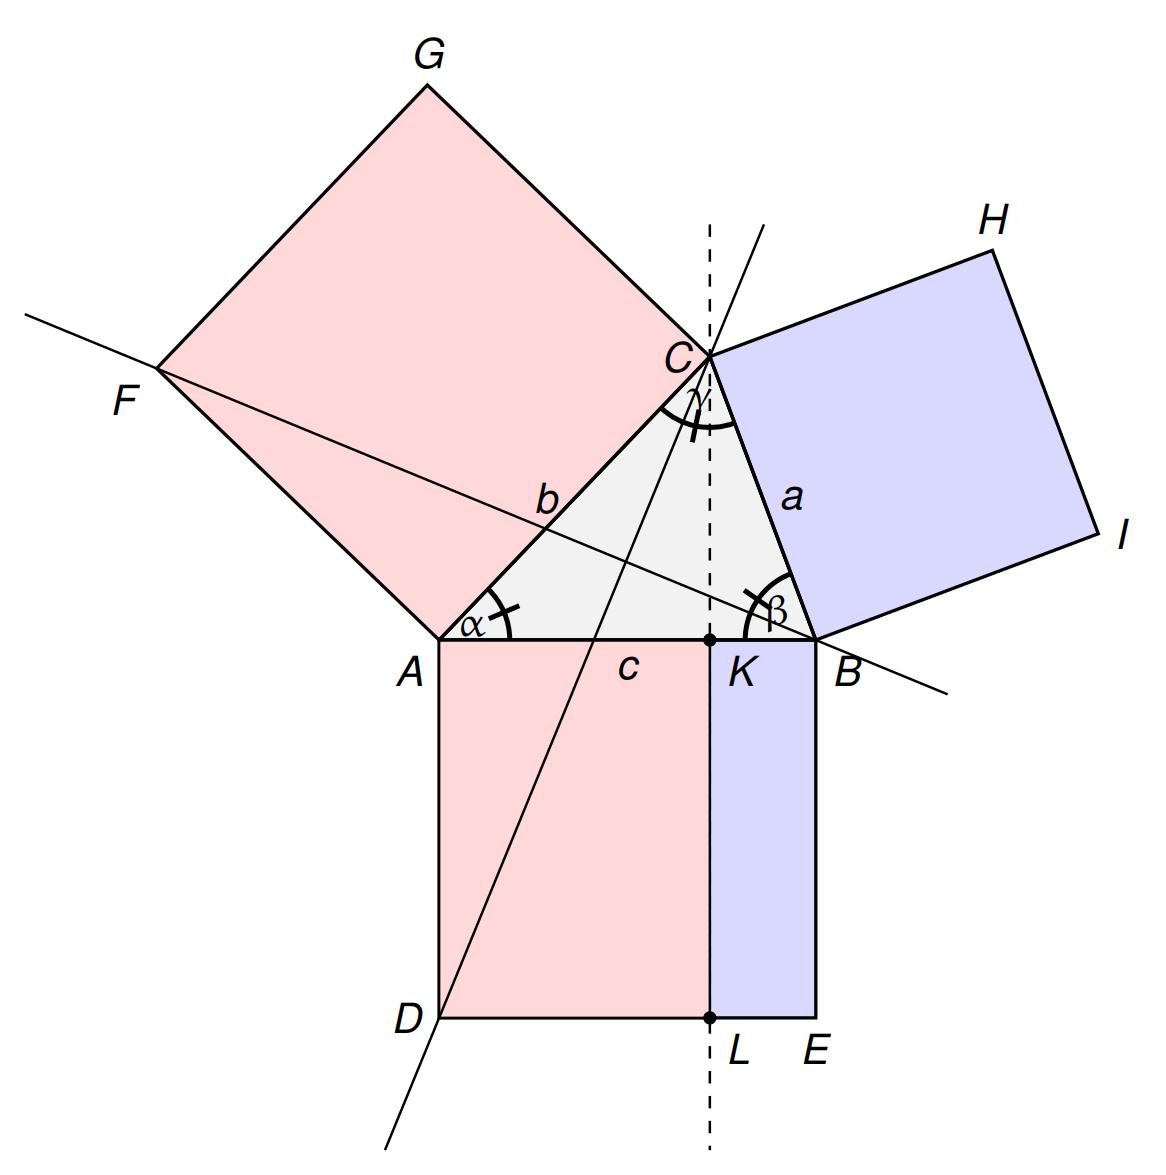 TikZ 利用 tkz-euclide 包绘制三角形与三边正方形